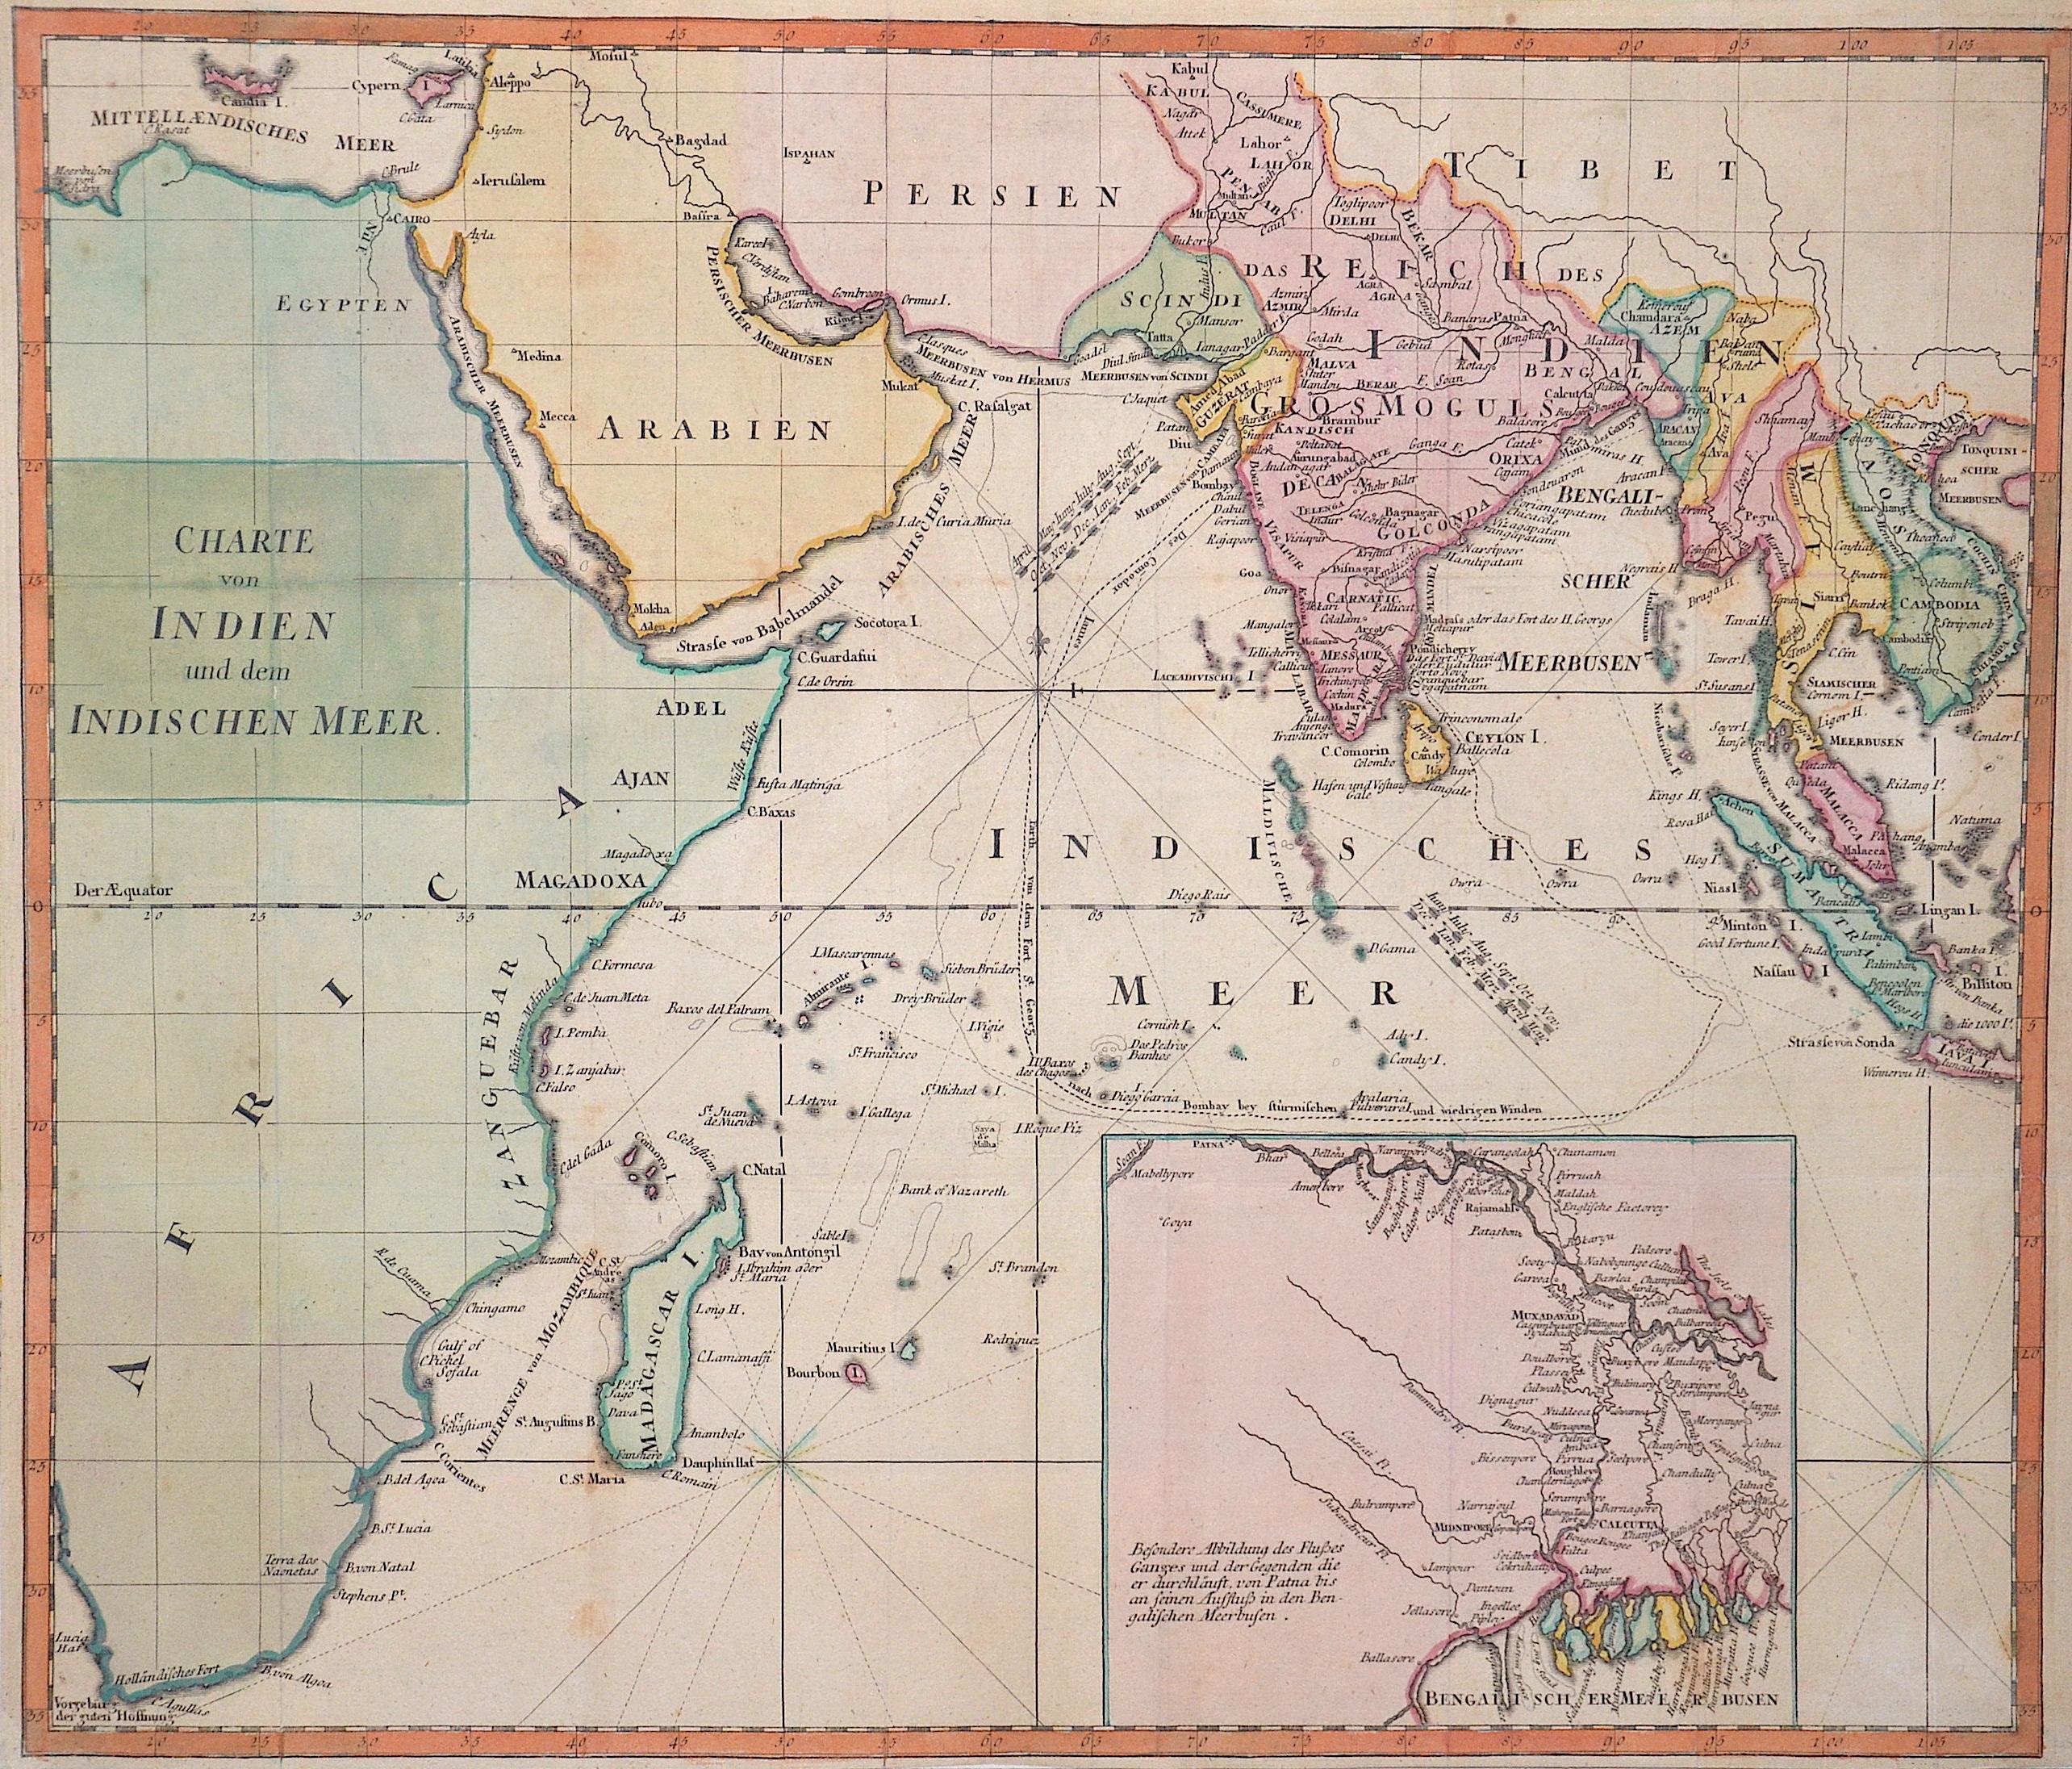 Anonymus  Charte von Indien und dem indischen Meer